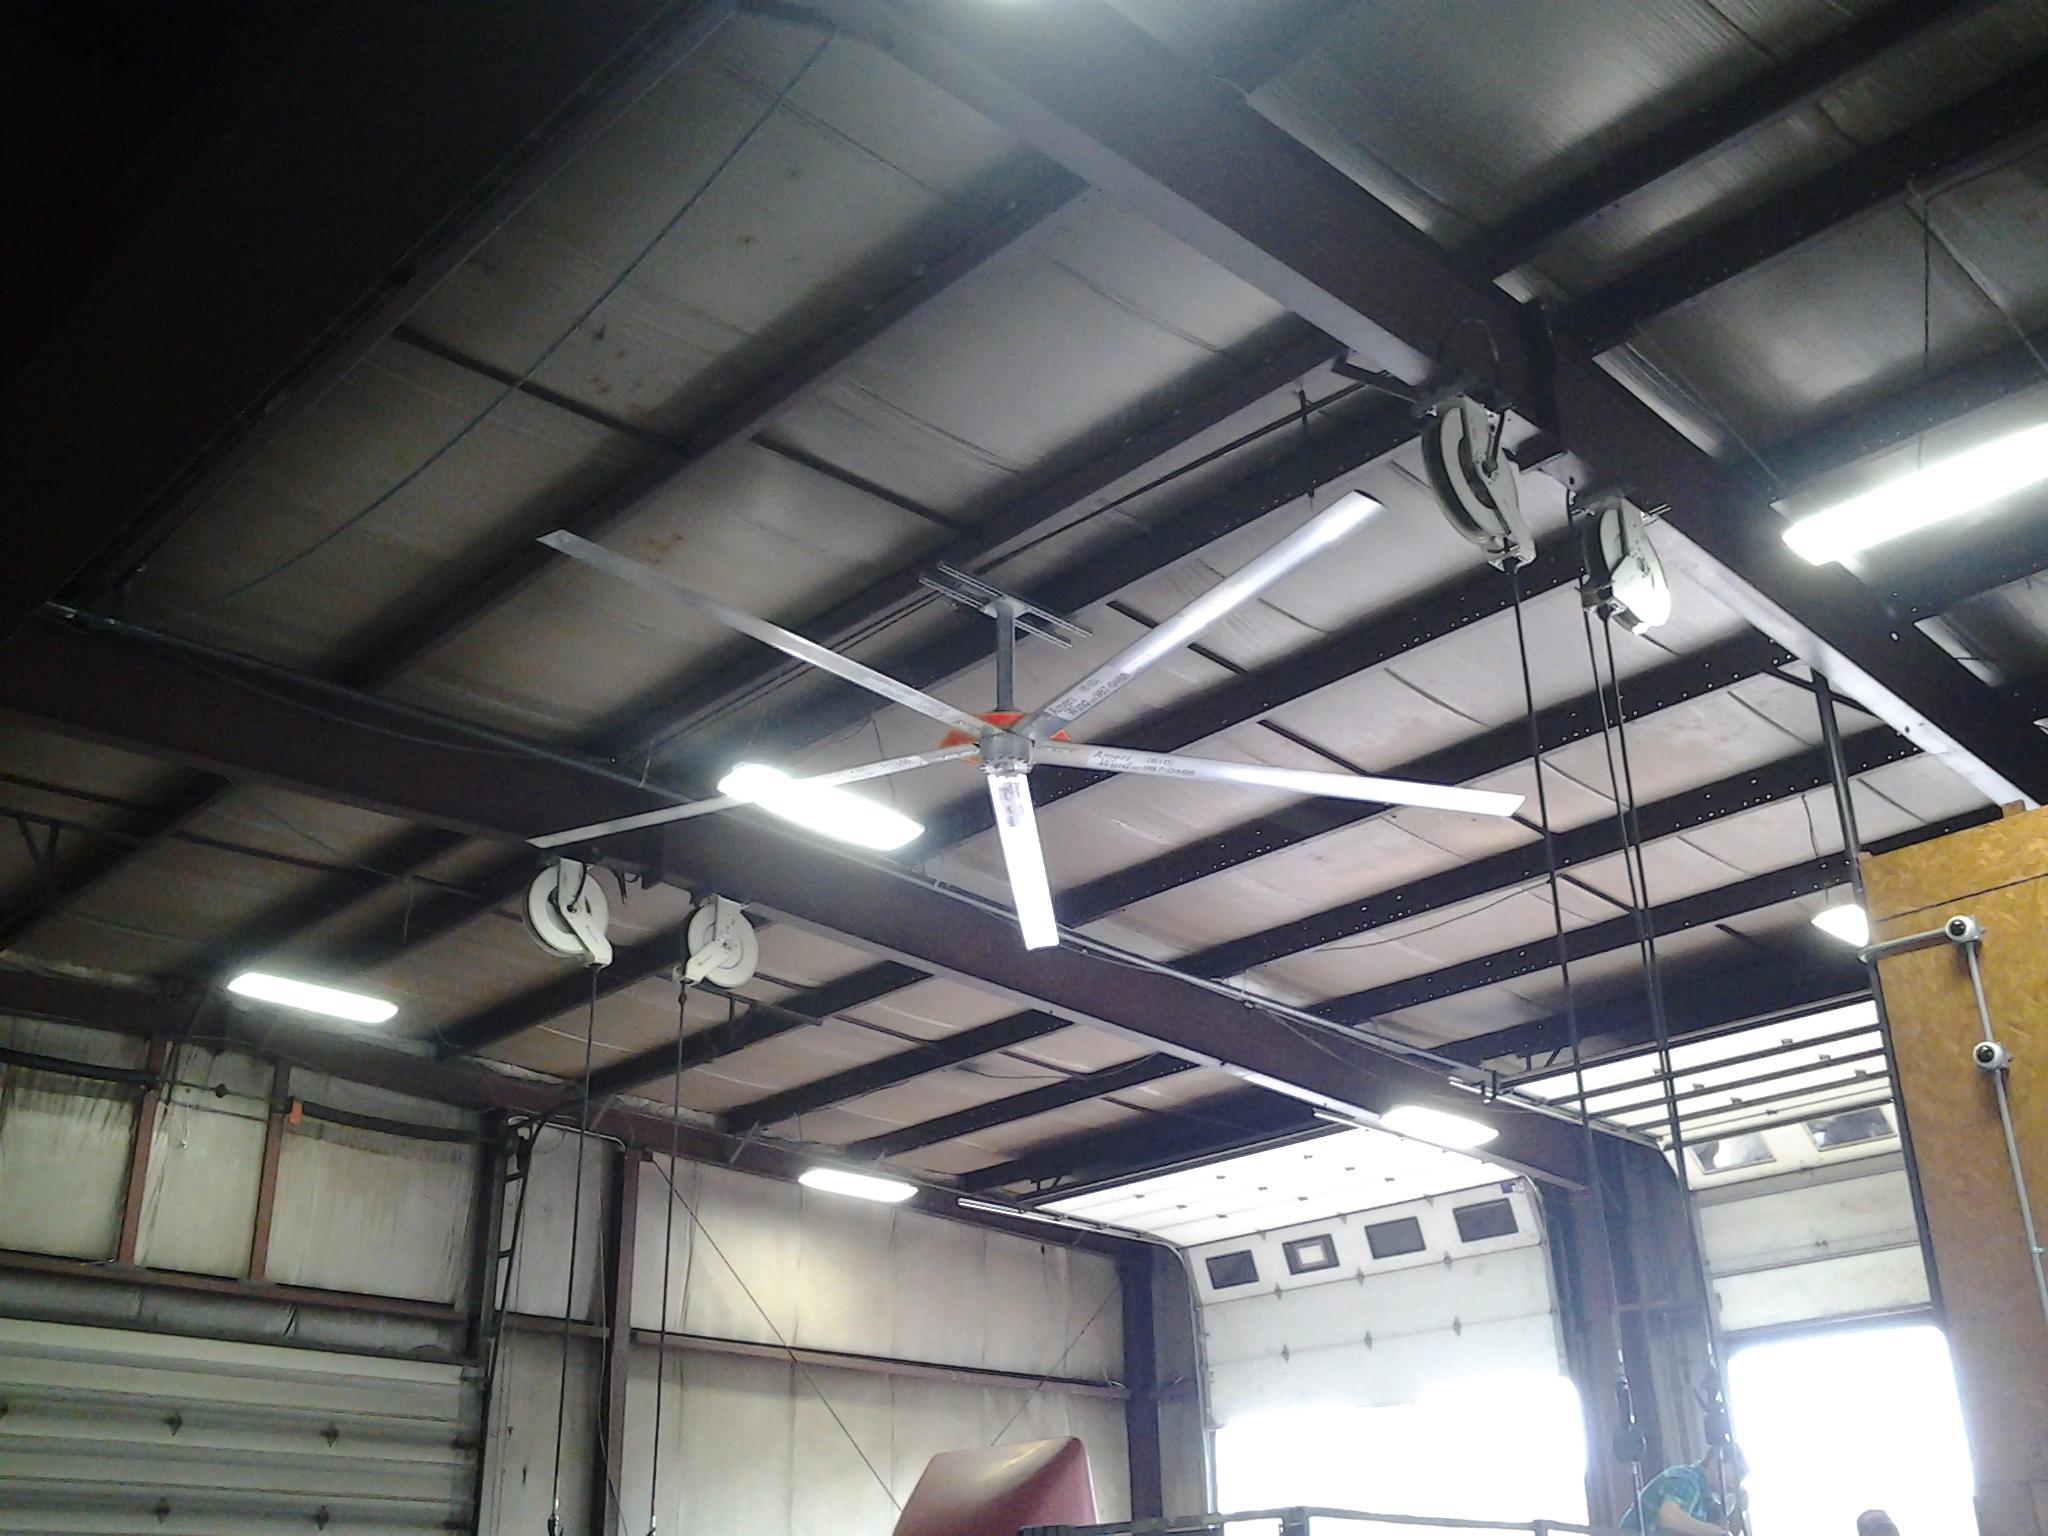 A ceiling fan in a truck shop